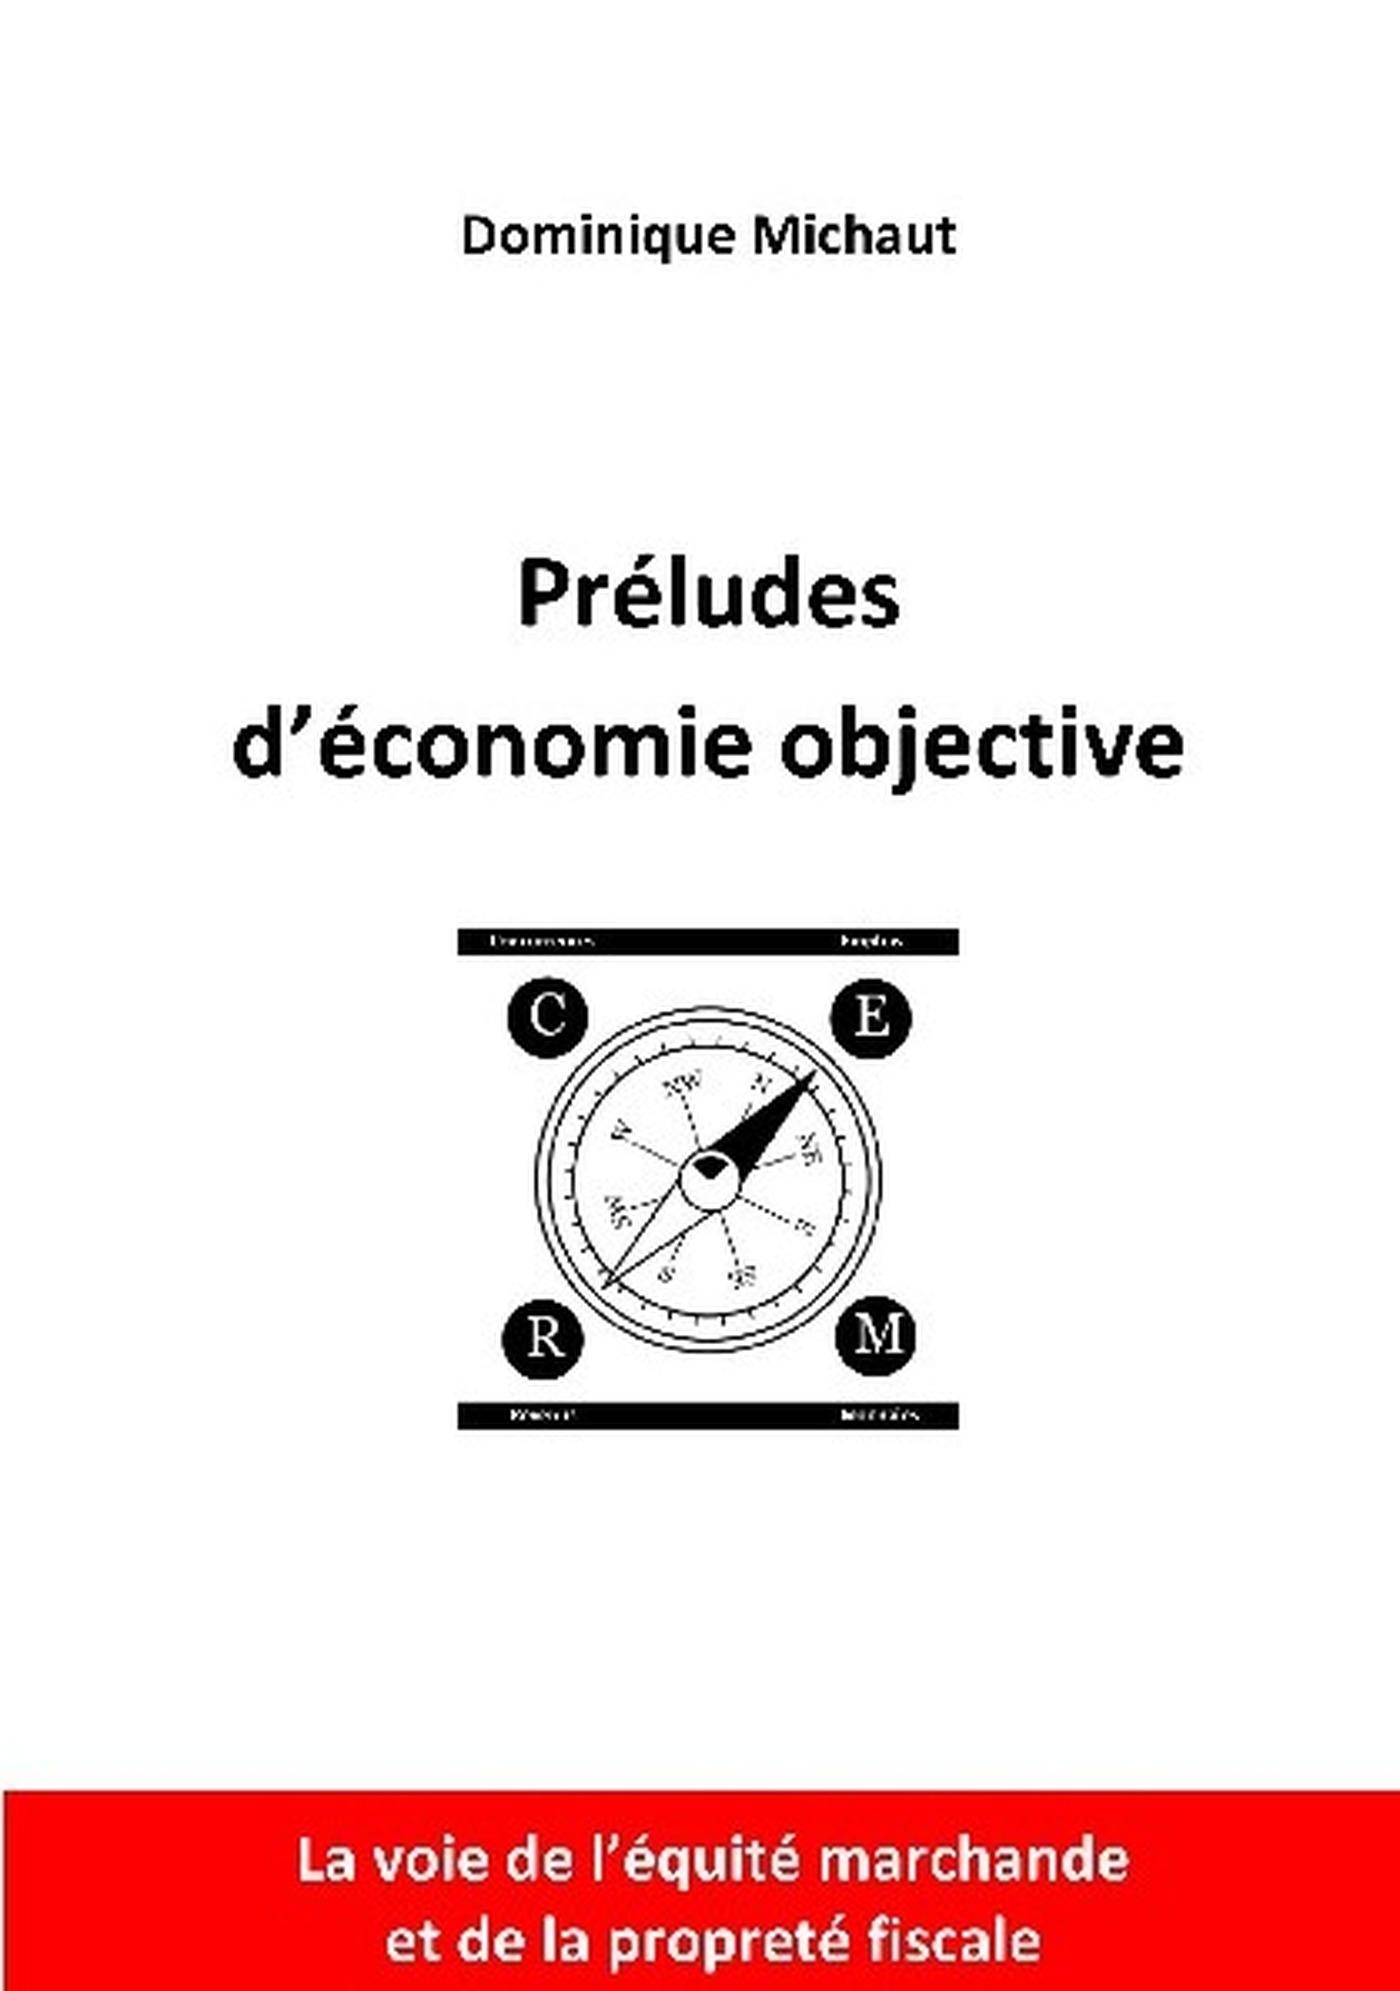 PRELUDES D'ECONOMIE OBJECTIVE